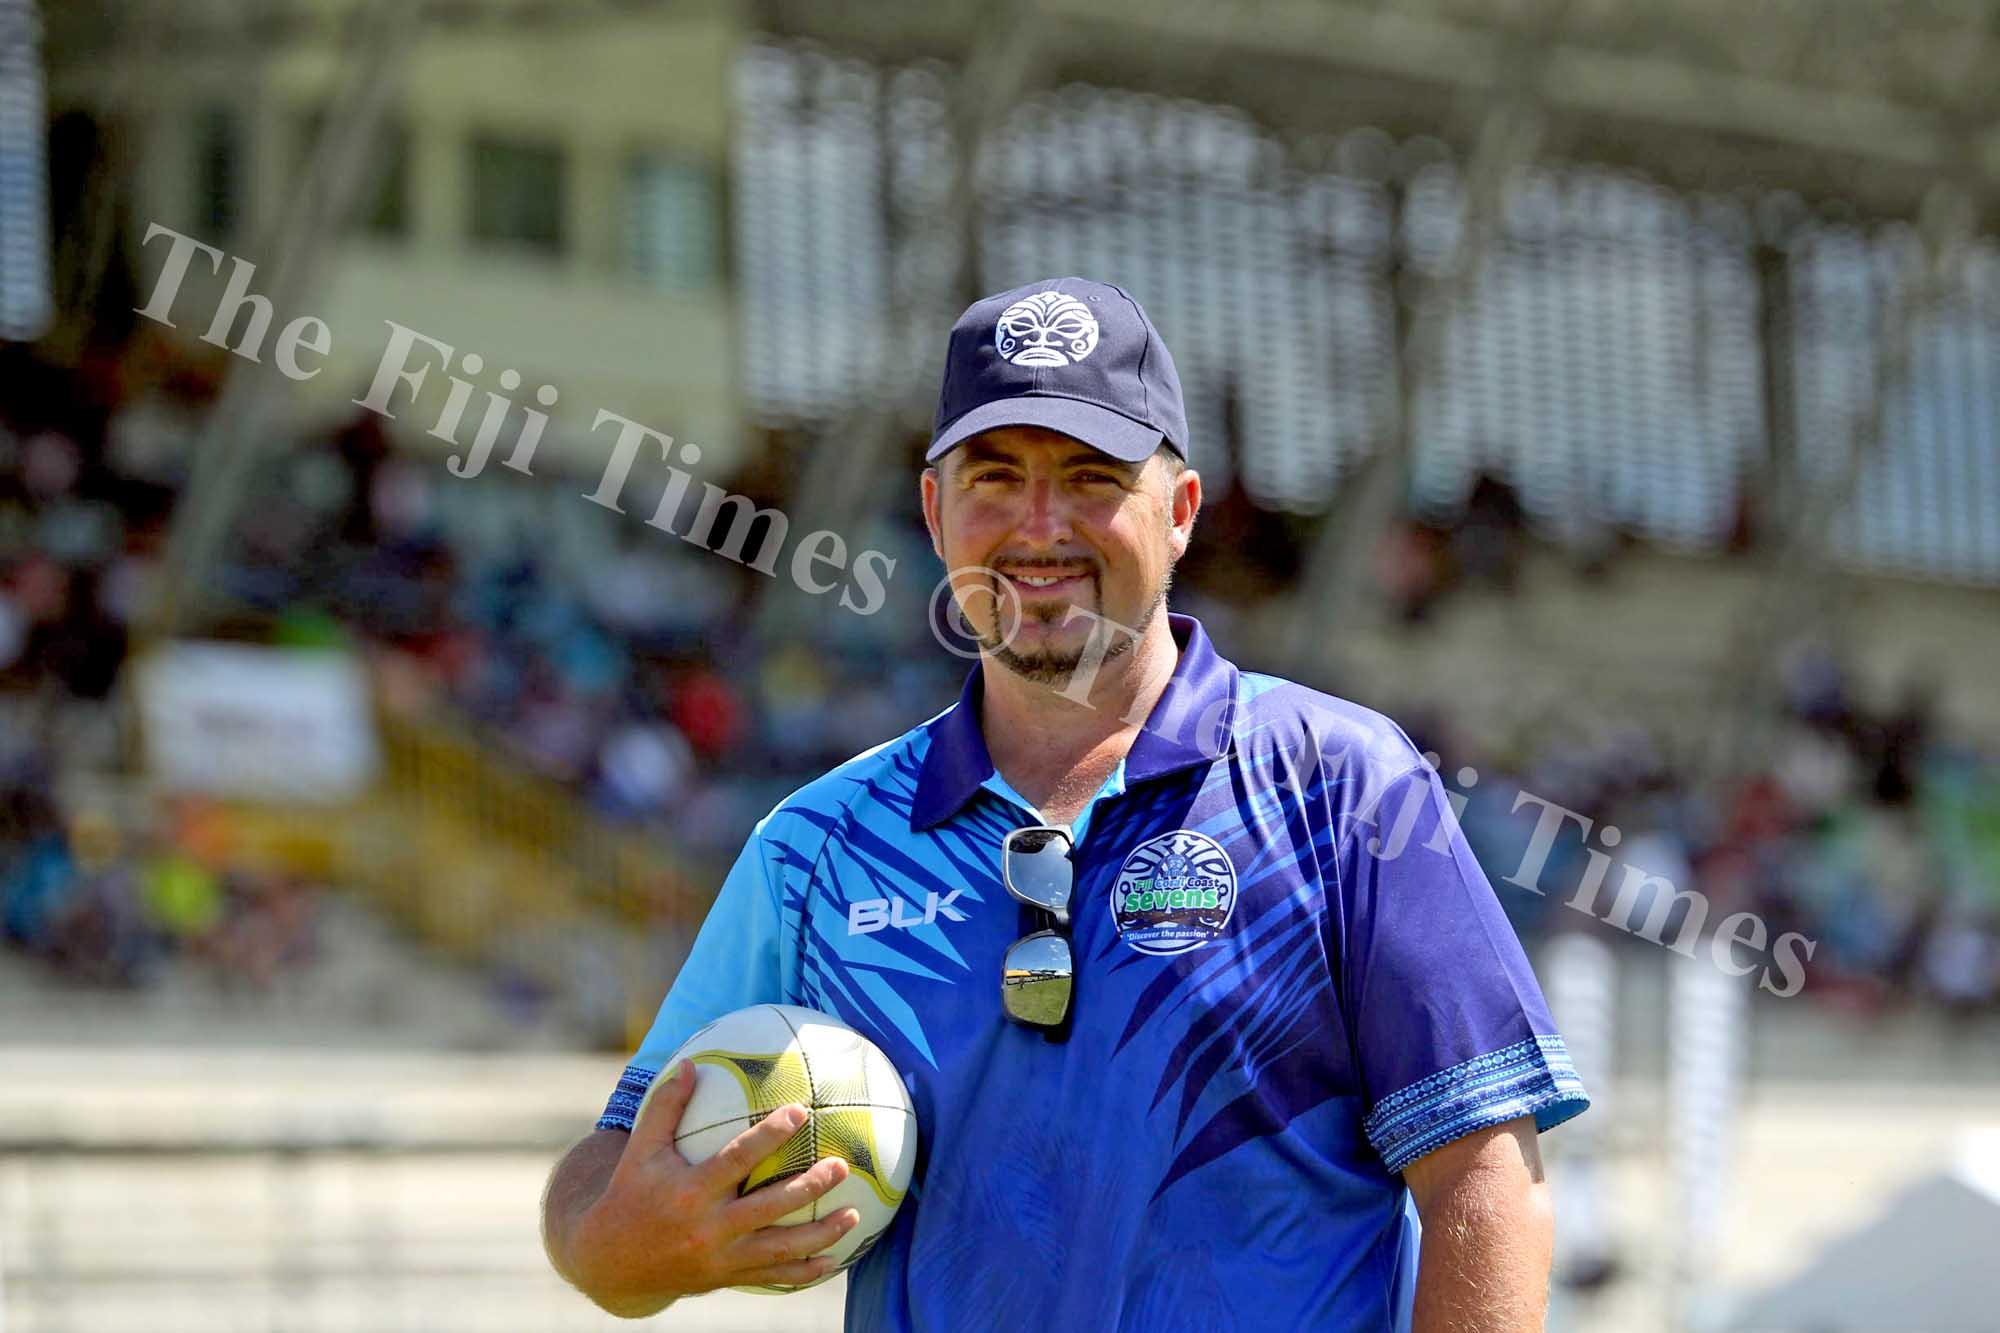 Jay Whyte. Picture: ELIKI NUKUTABU